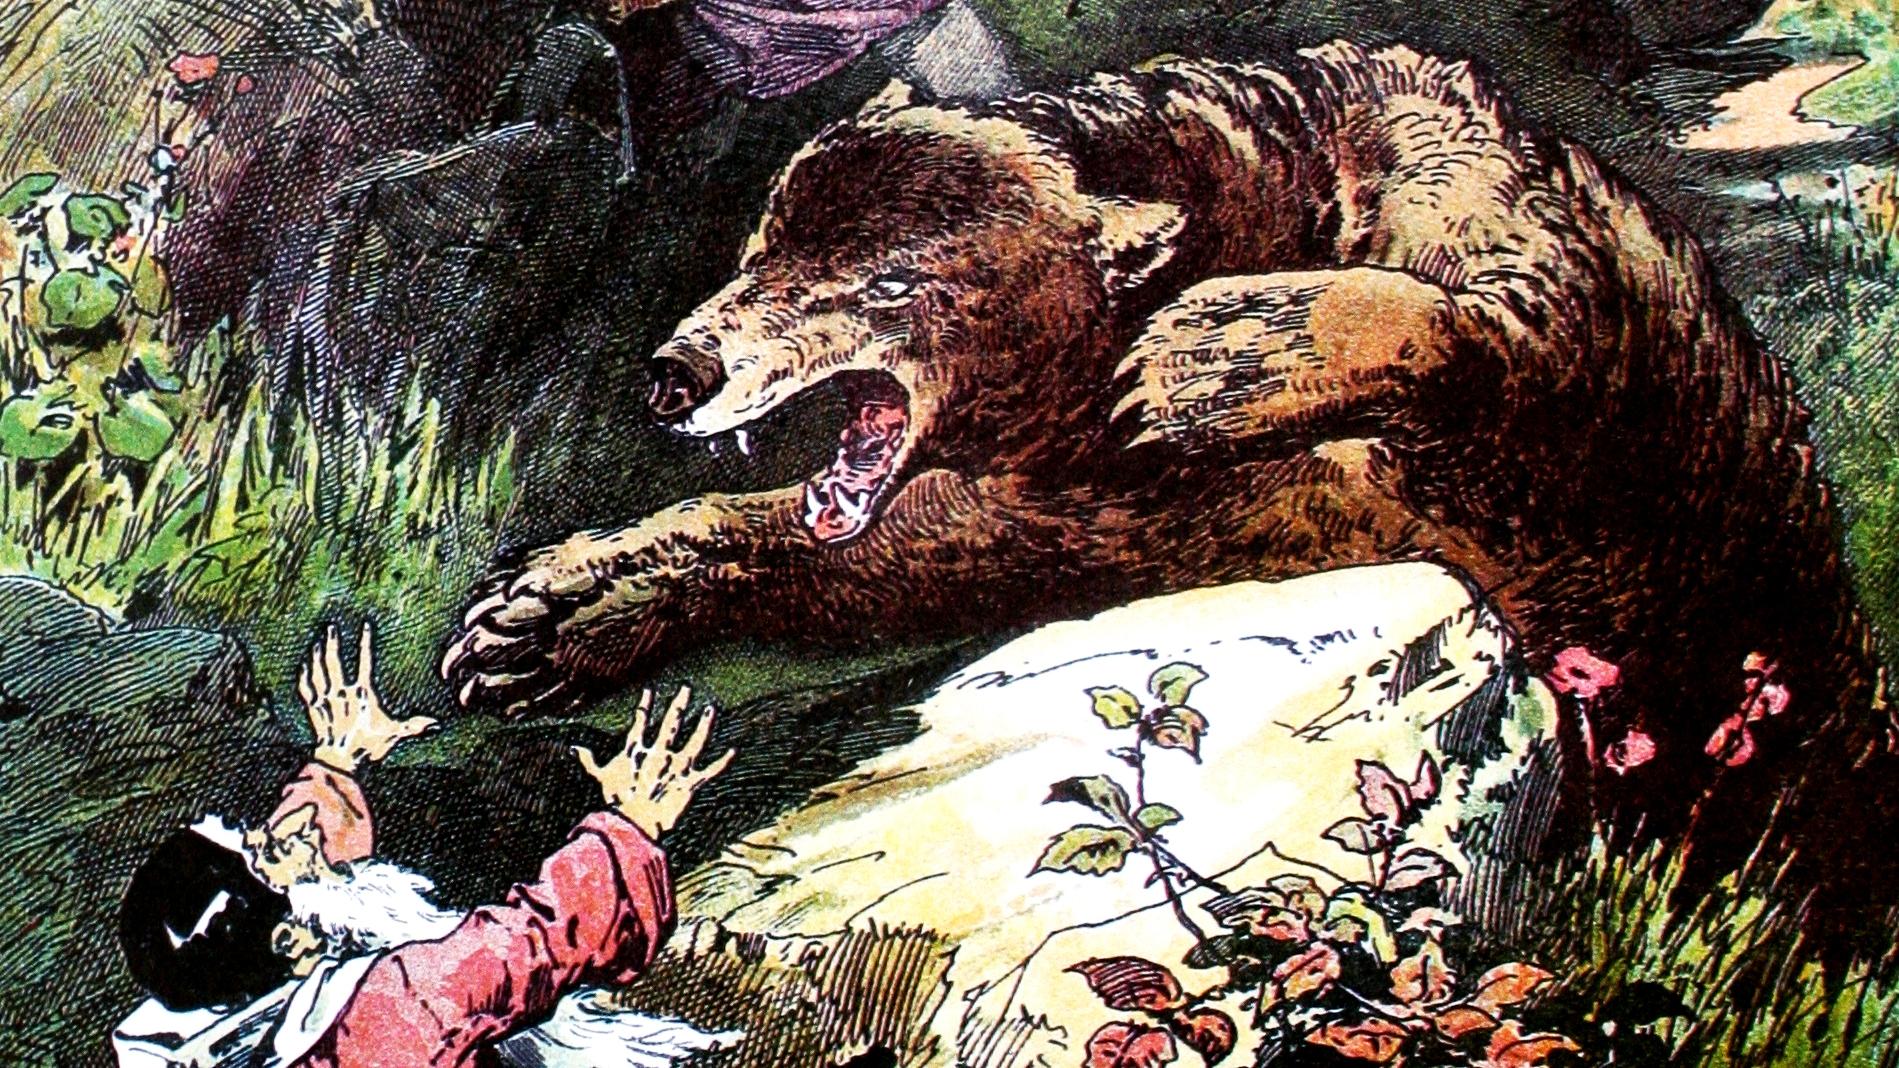 Kinder über den ungefährlichen Bären